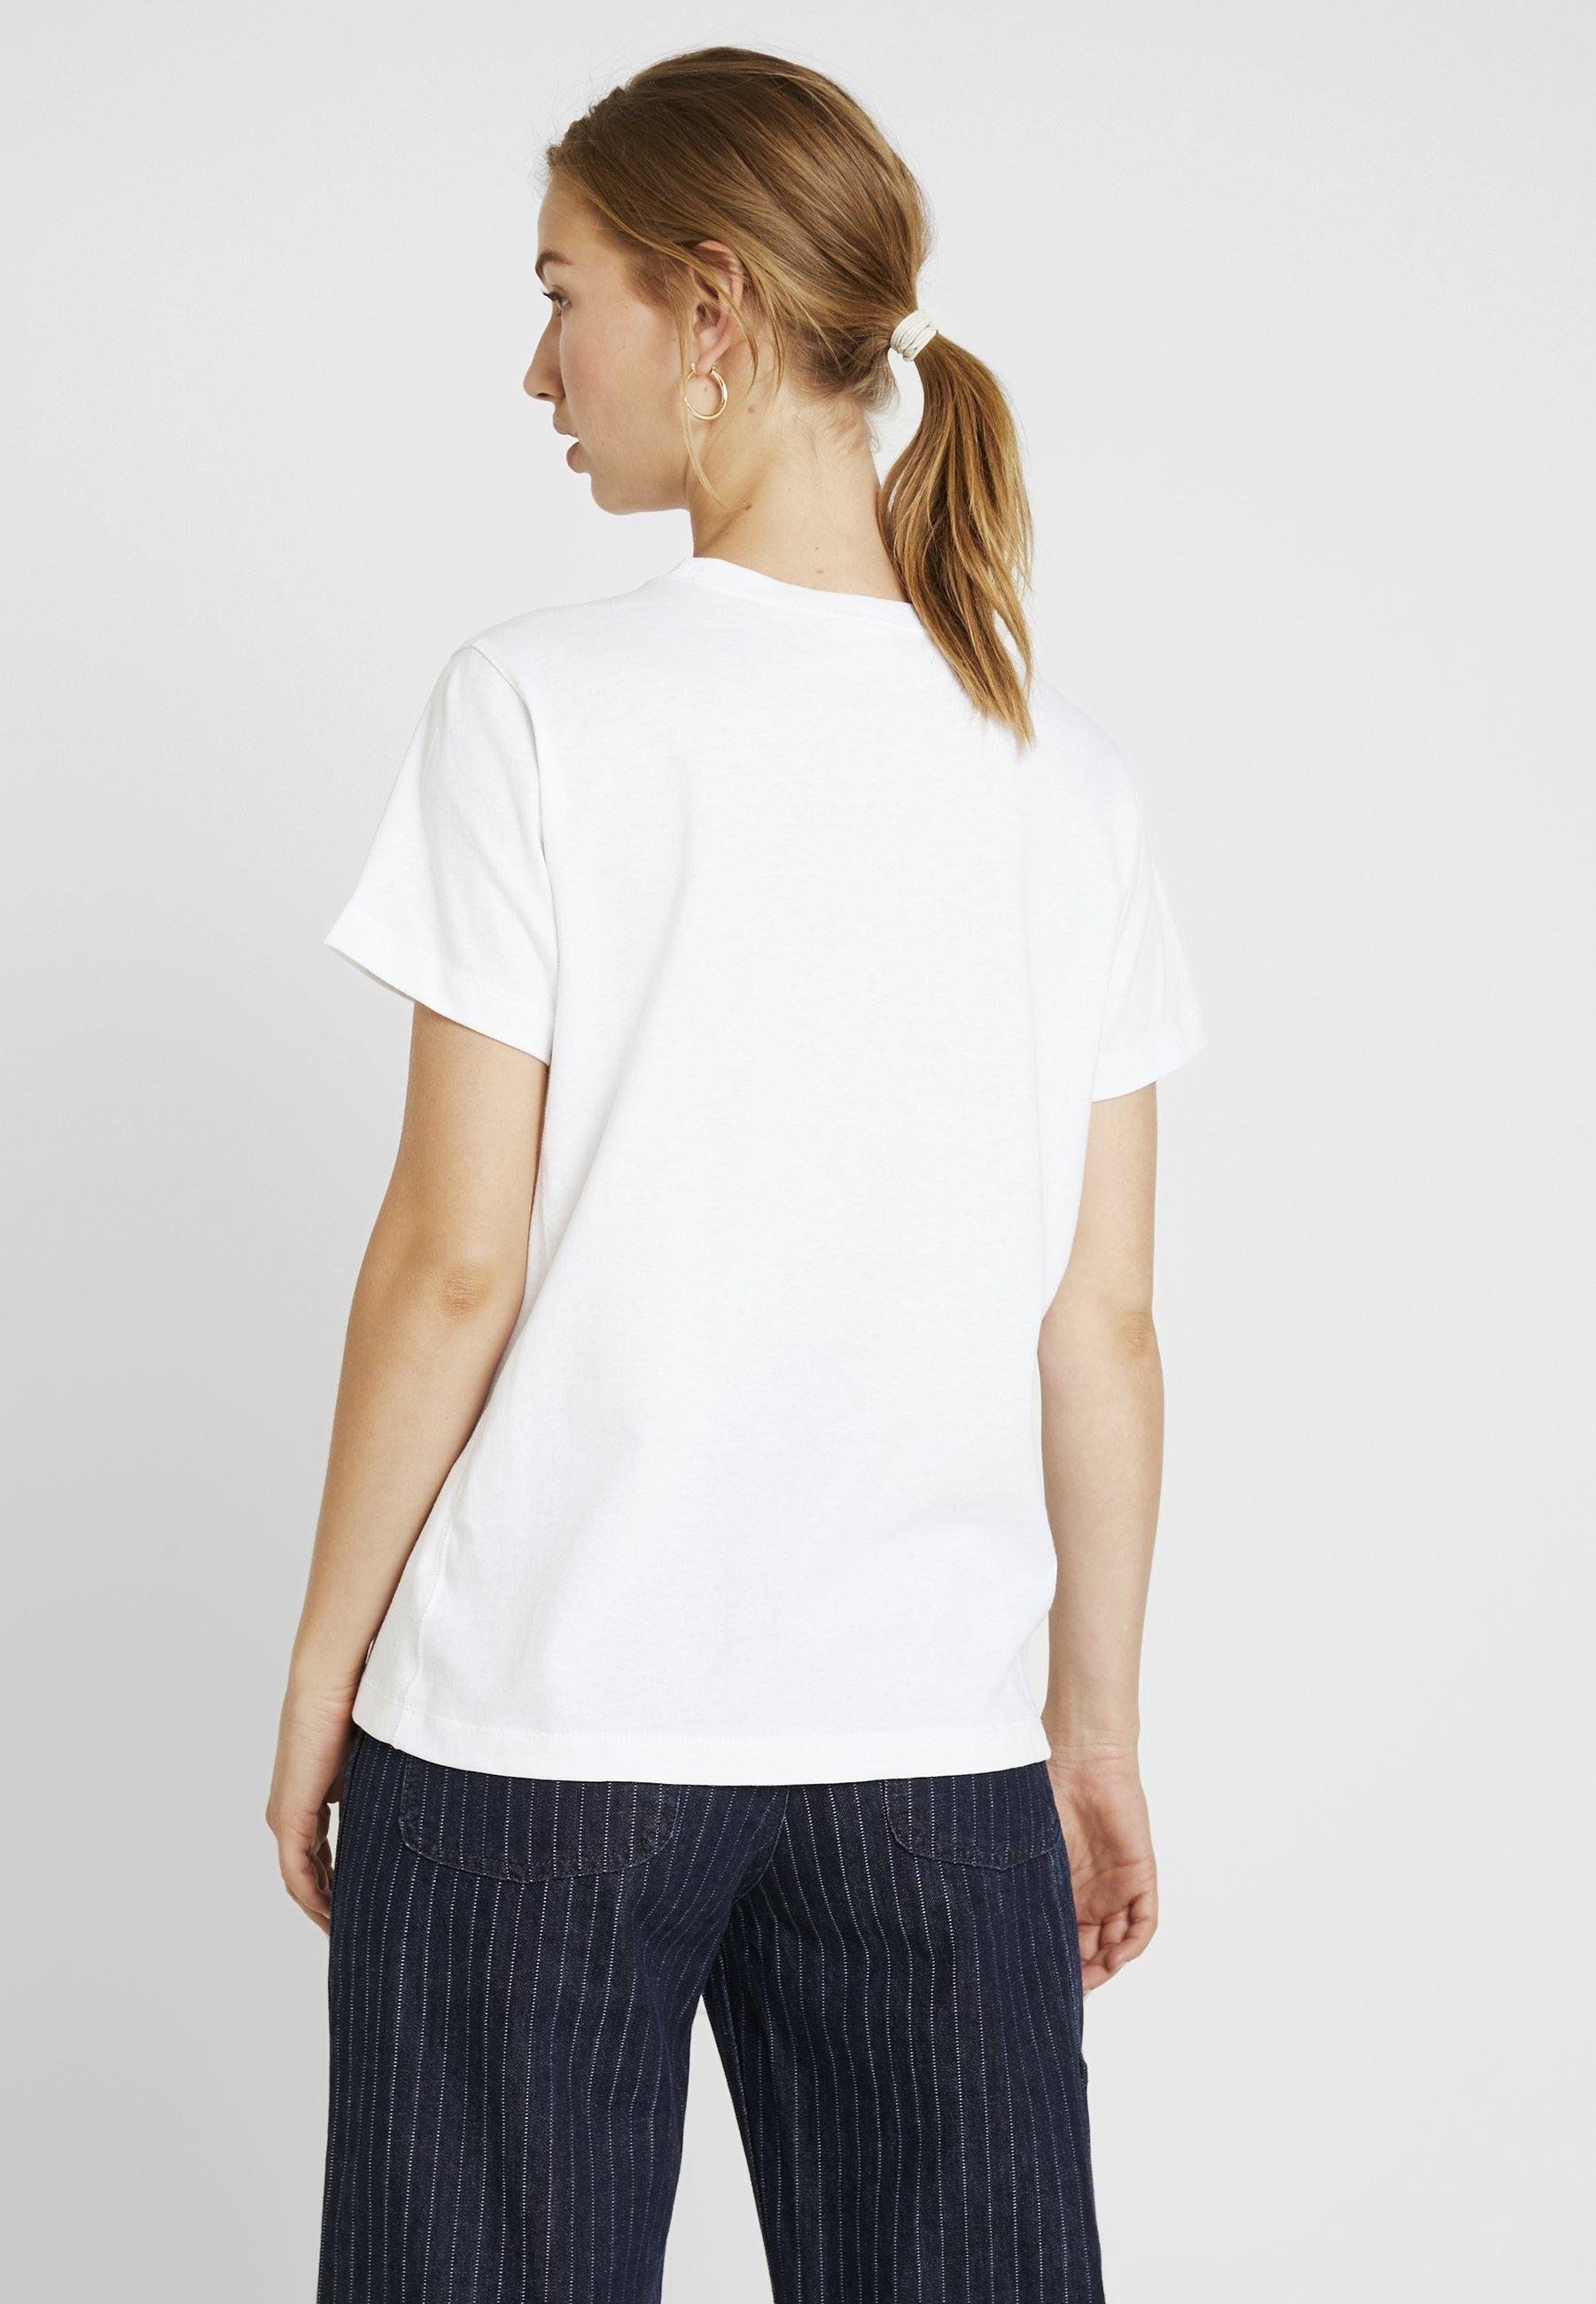 Smal Champion CrewneckT Weave shirt White Reverse Script Imprimé TJclKF31